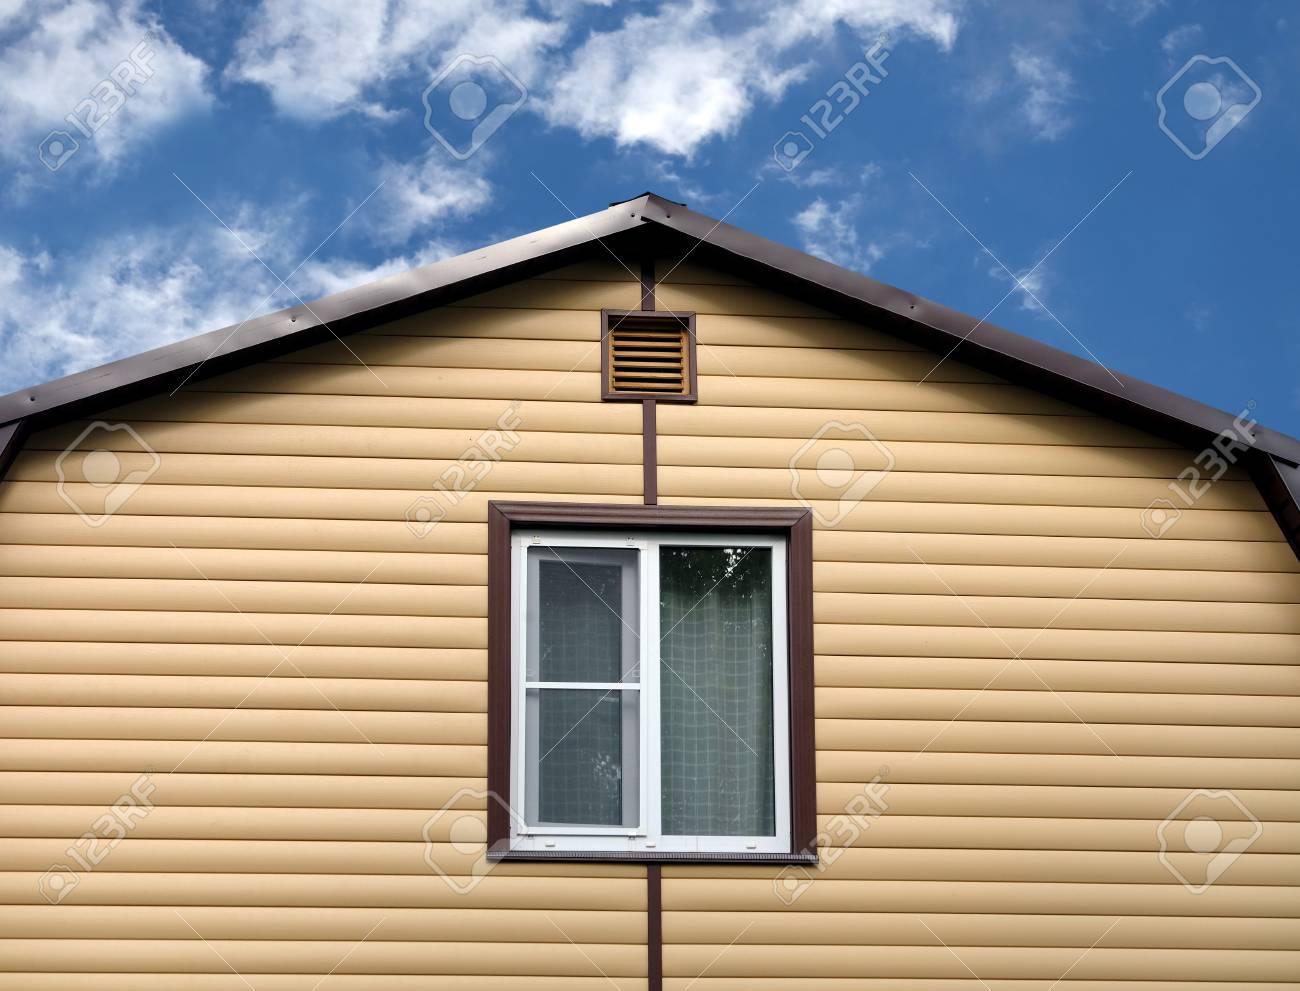 Partie supérieure d\'un mur de maison de campagne privée moderne recouvert  de bardage jaune et toit en métal brun sur un ciel bleu avec des nuages ...